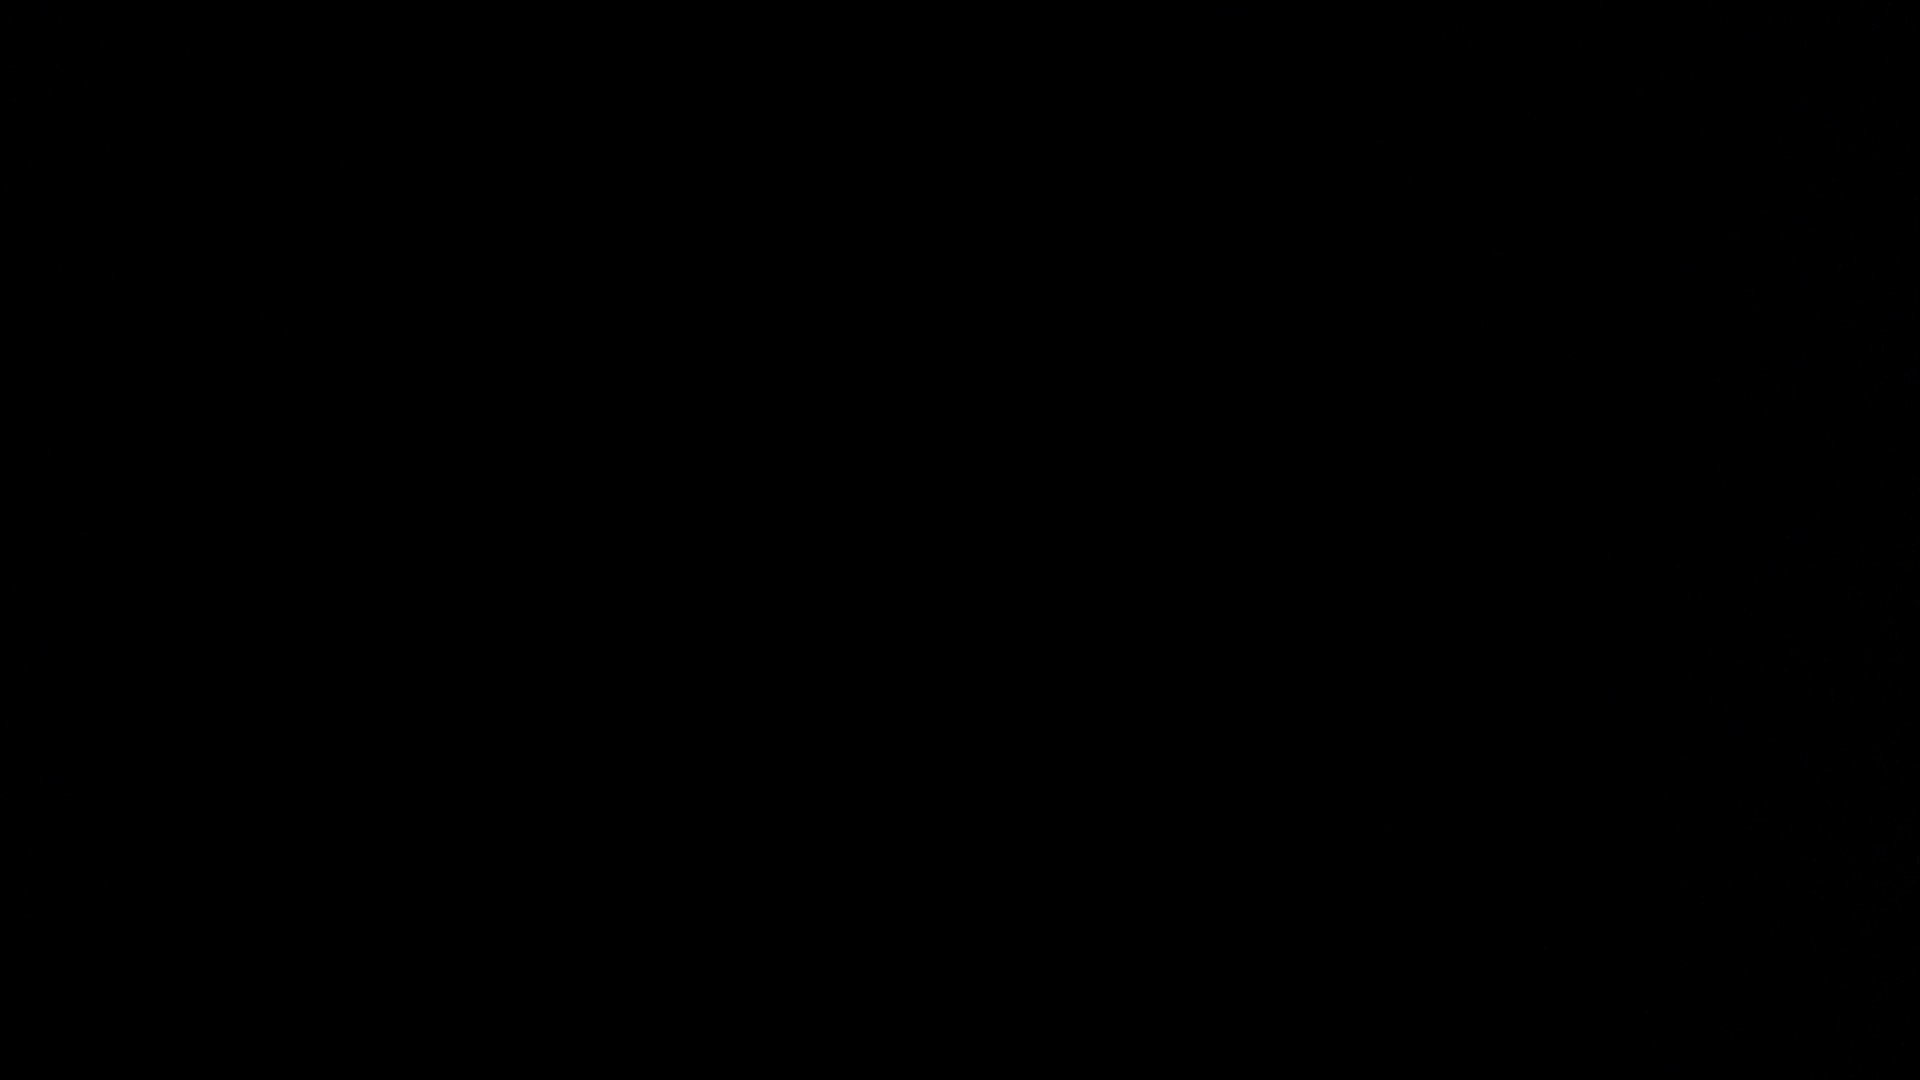 ゆめかわ男子のゆめかわオナニージャニーズ編vol.09 オナニー編 ゲイ射精画像 84枚 22